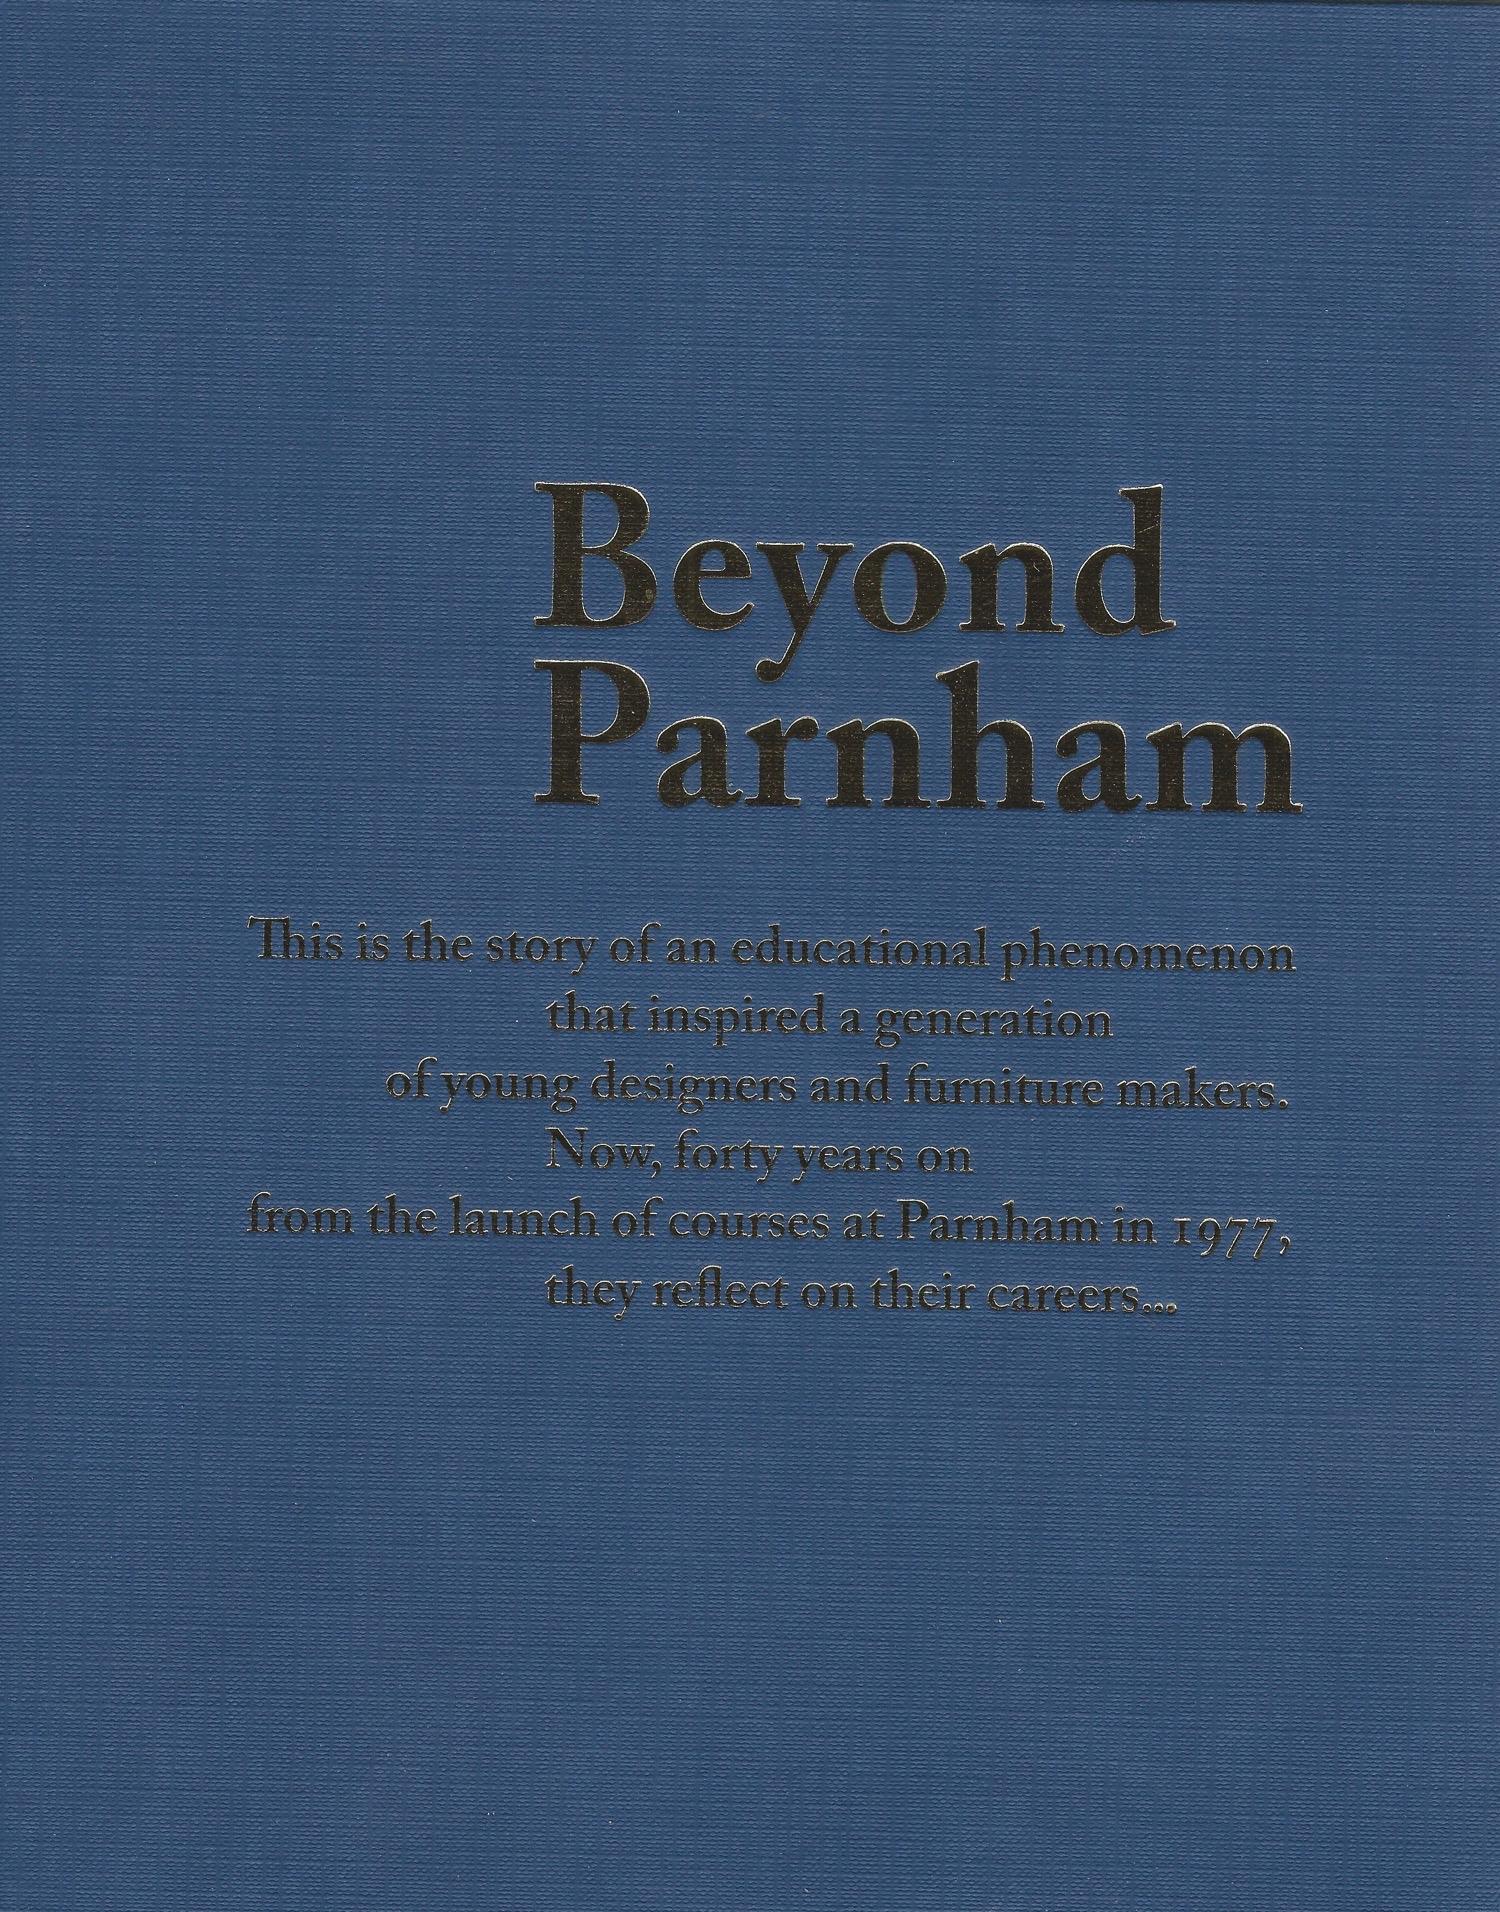 beypond parnham cover.jpg